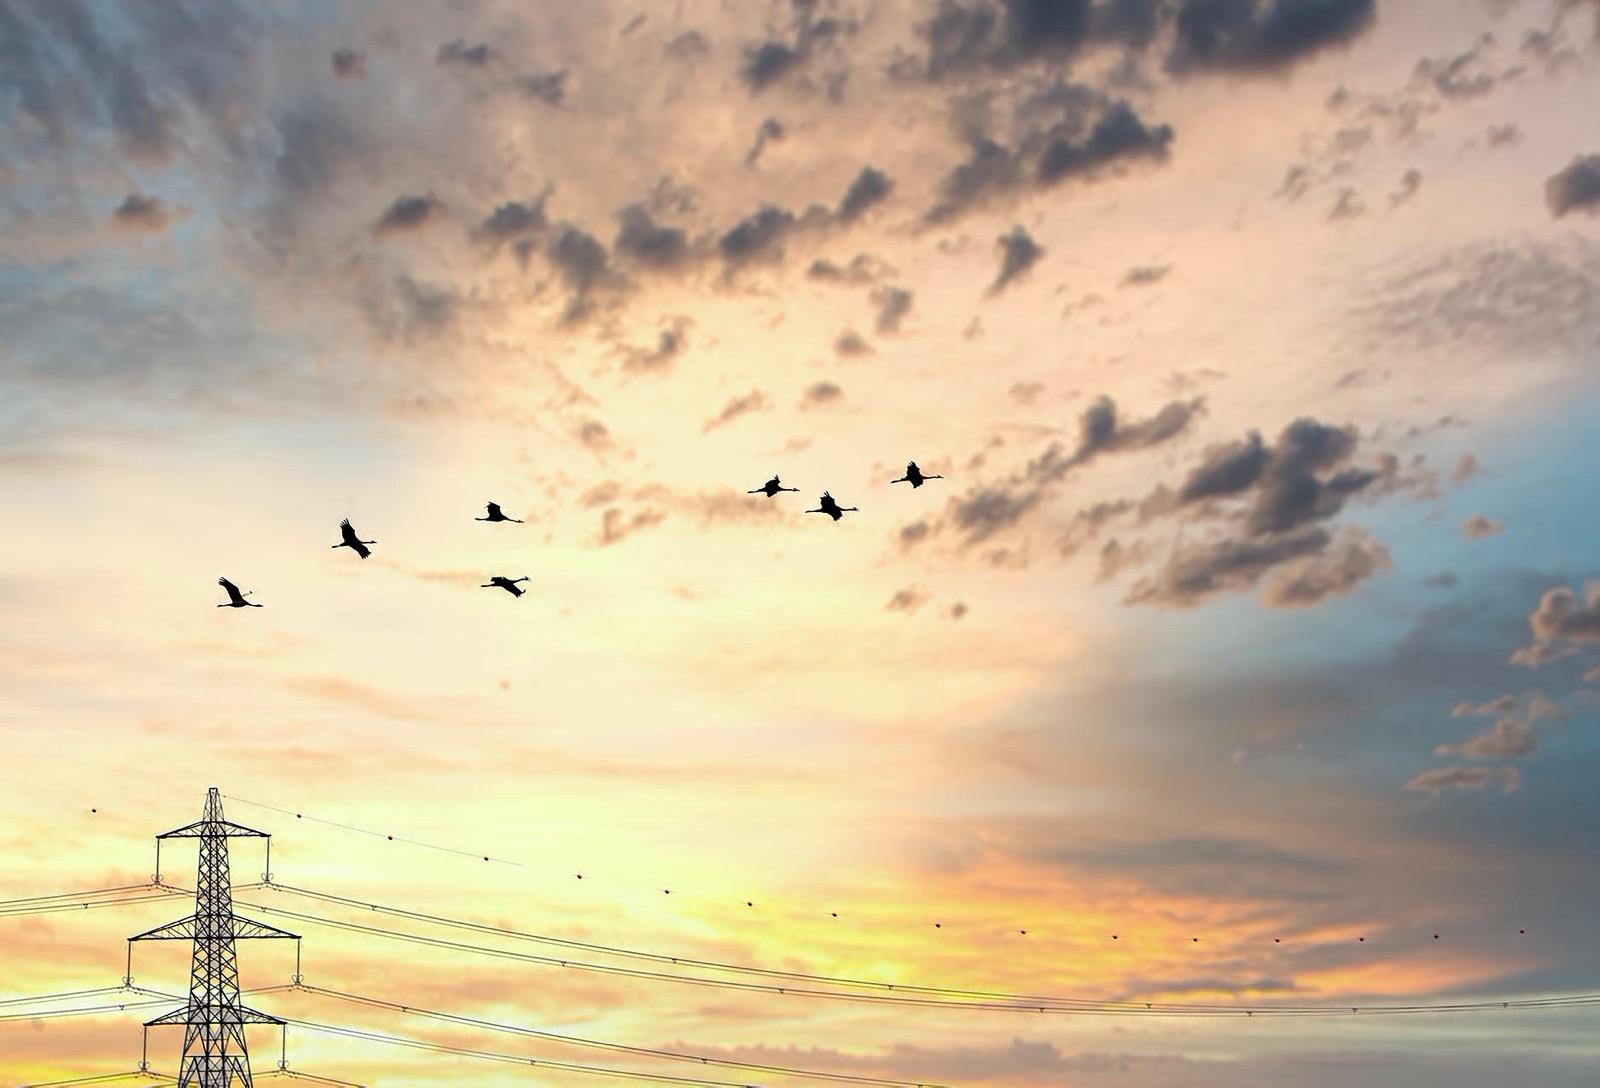 Wild Cranes in flight golden hour Norfolk